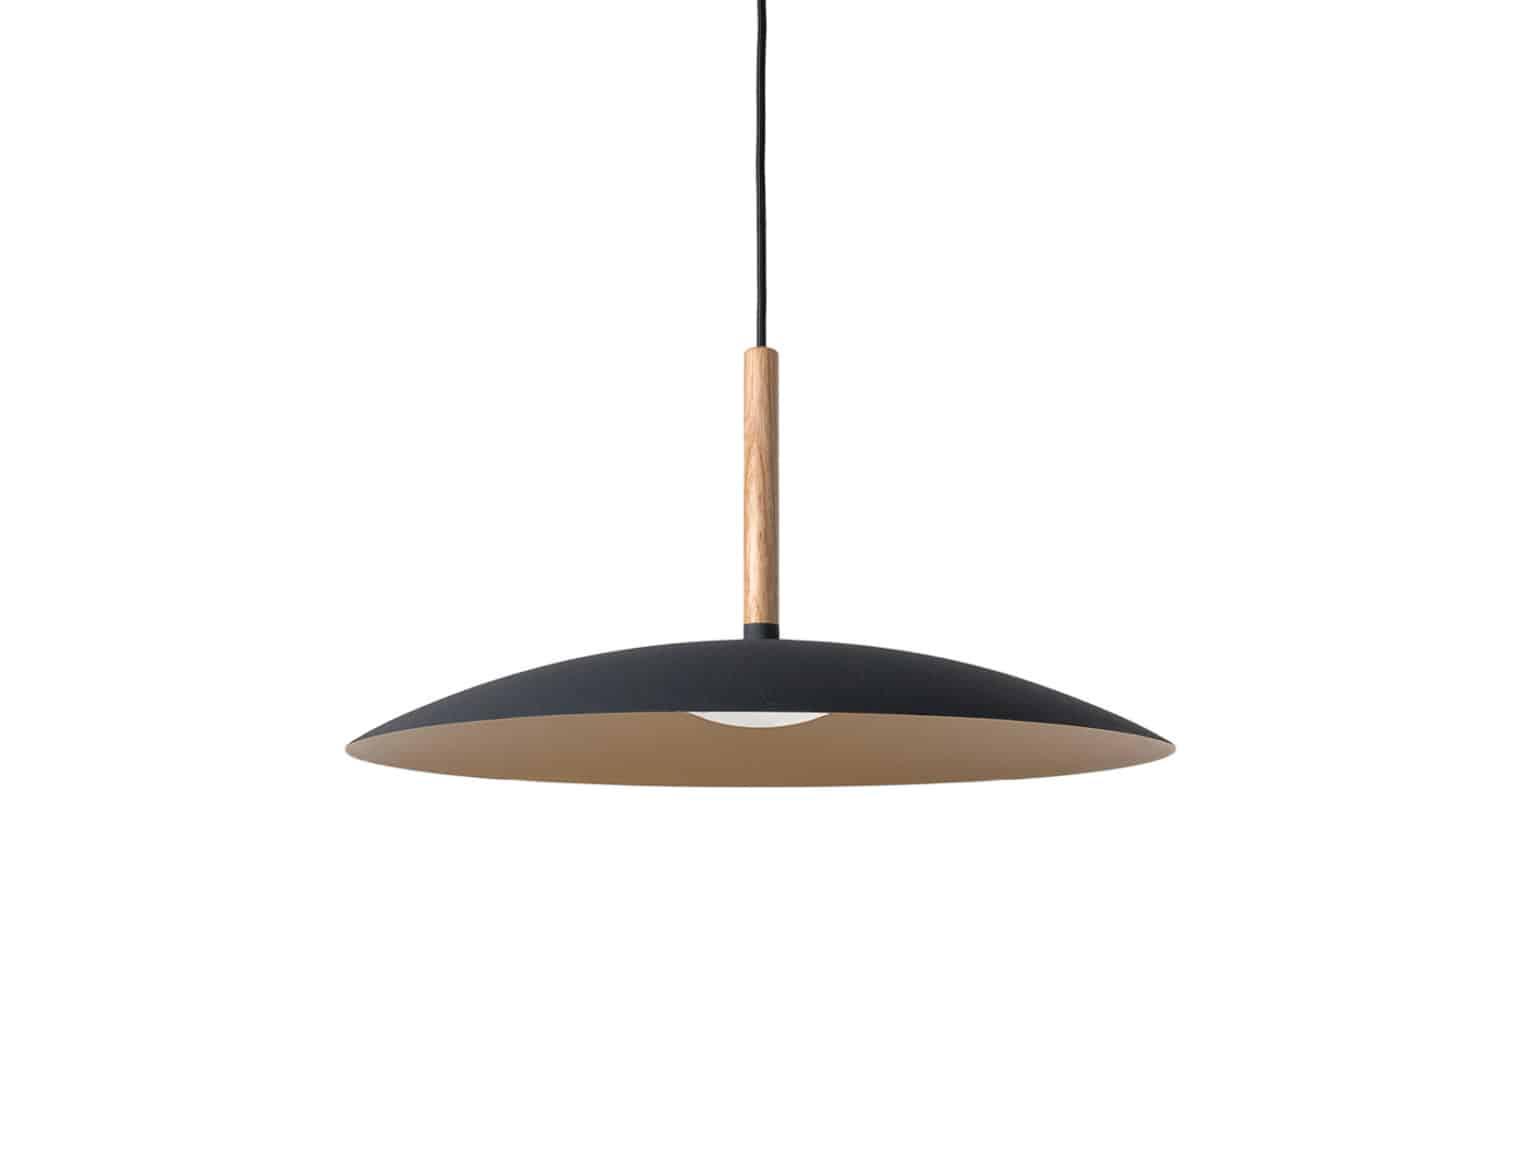 Movani hanglamp Dish